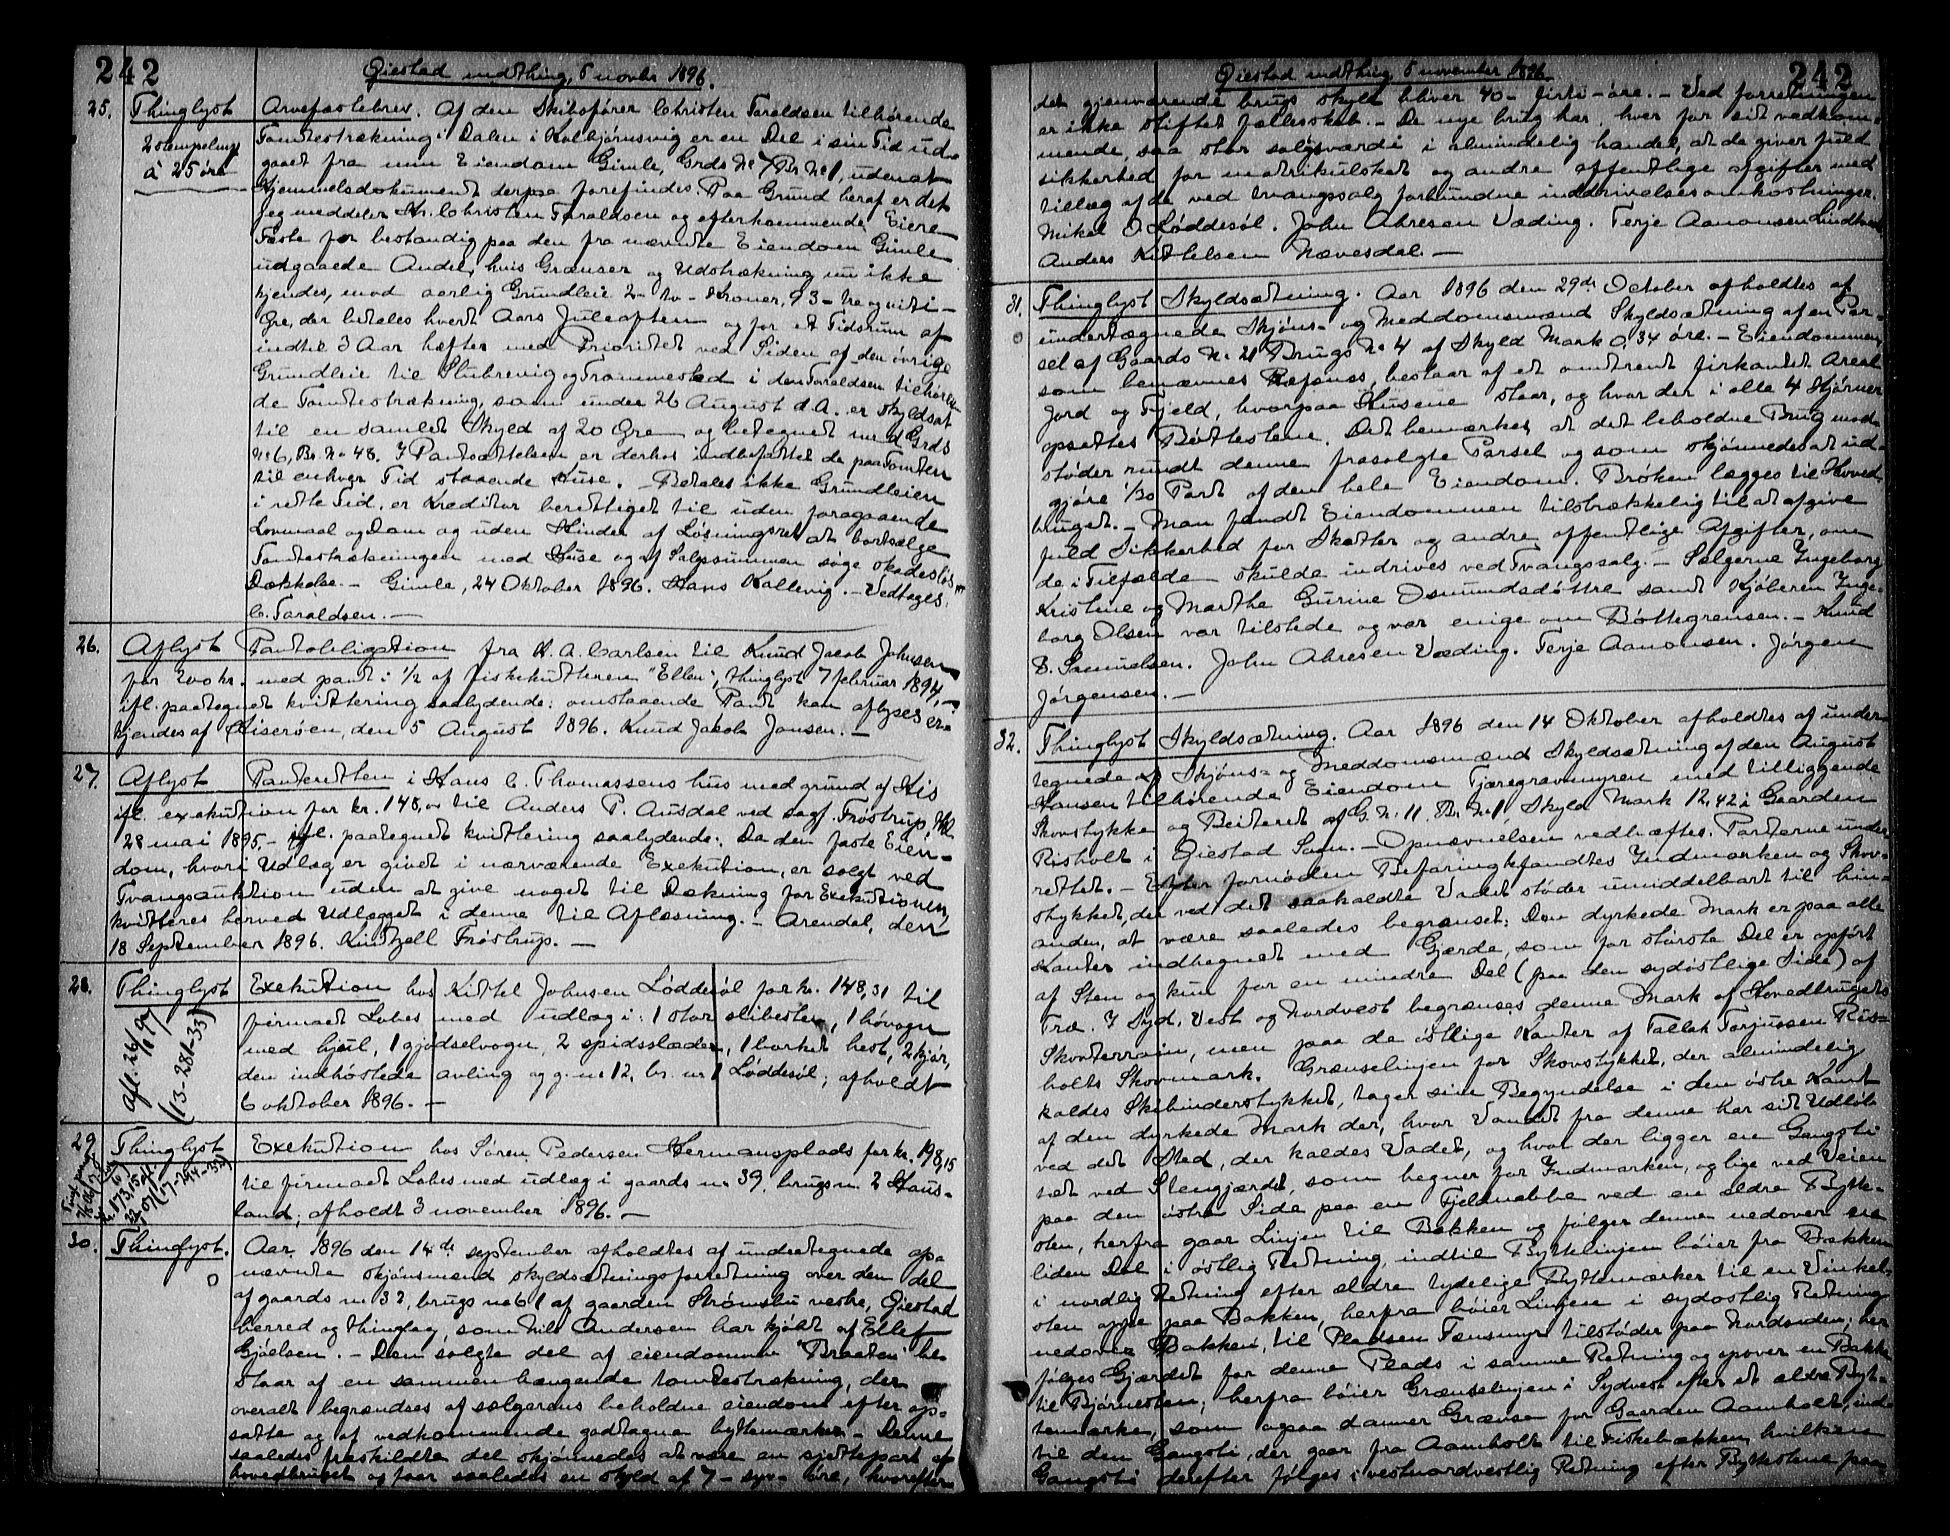 SAK, Nedenes sorenskriveri, G/Gb/Gba/L0016: Pantebok nr. 13, 1896-1899, s. 242